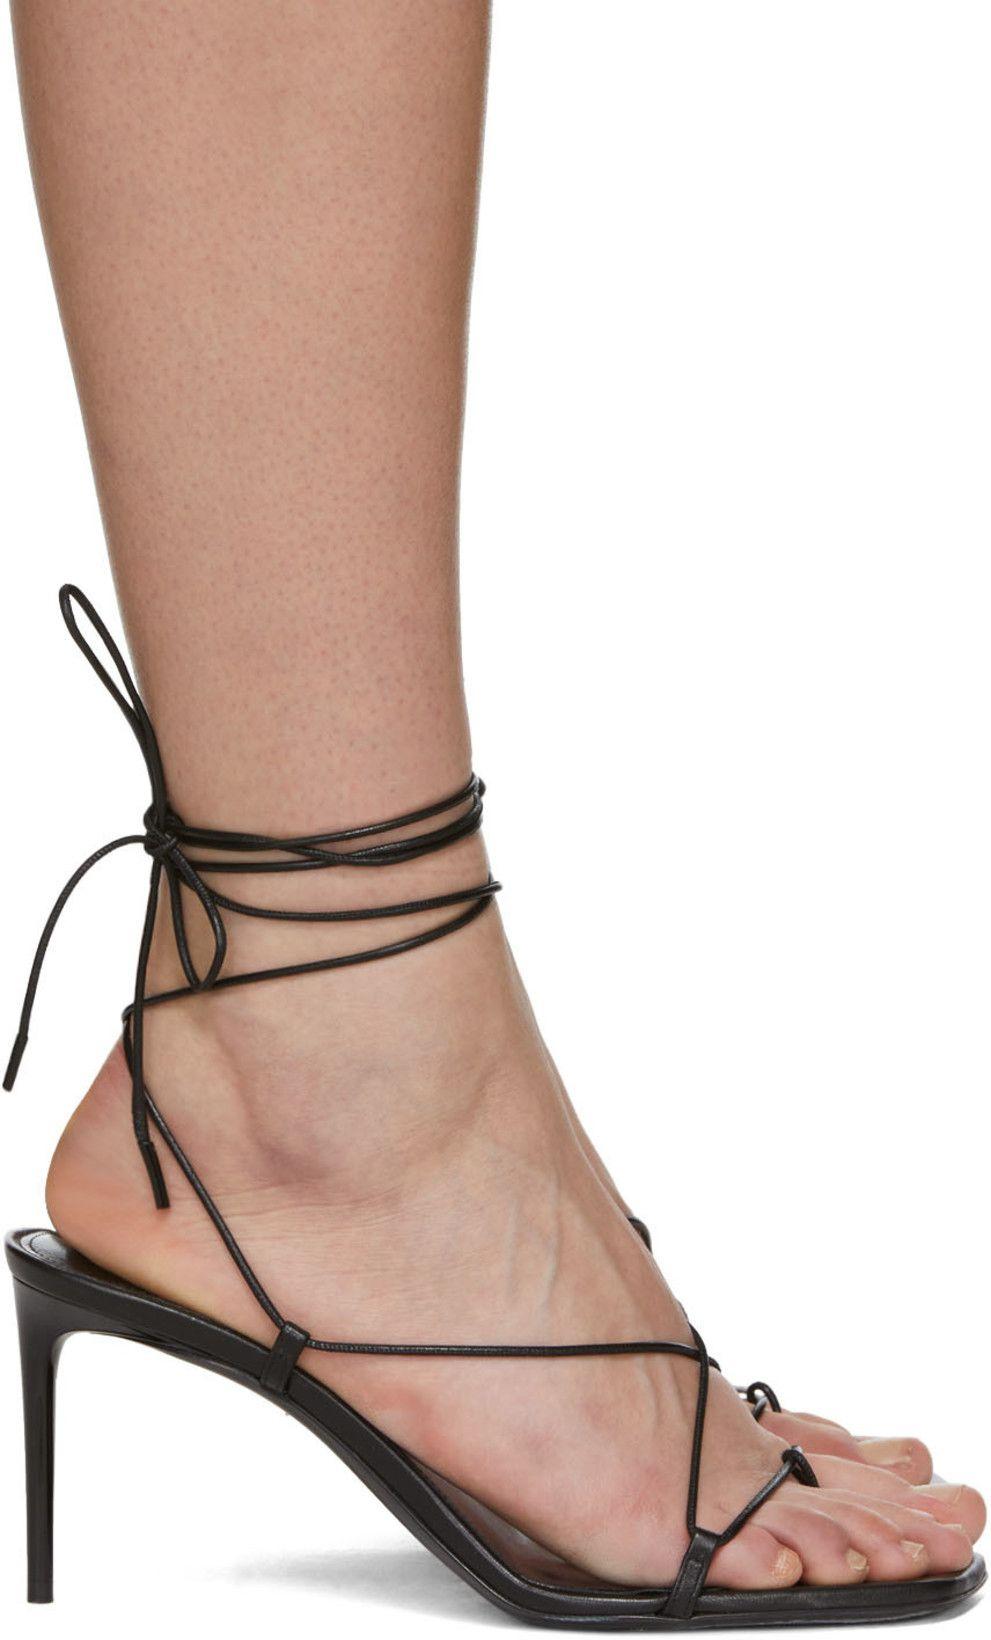 Saint Laurent Black Paris Heeled Sandals Women Men Shoes Kitten Heel Shoes Heels